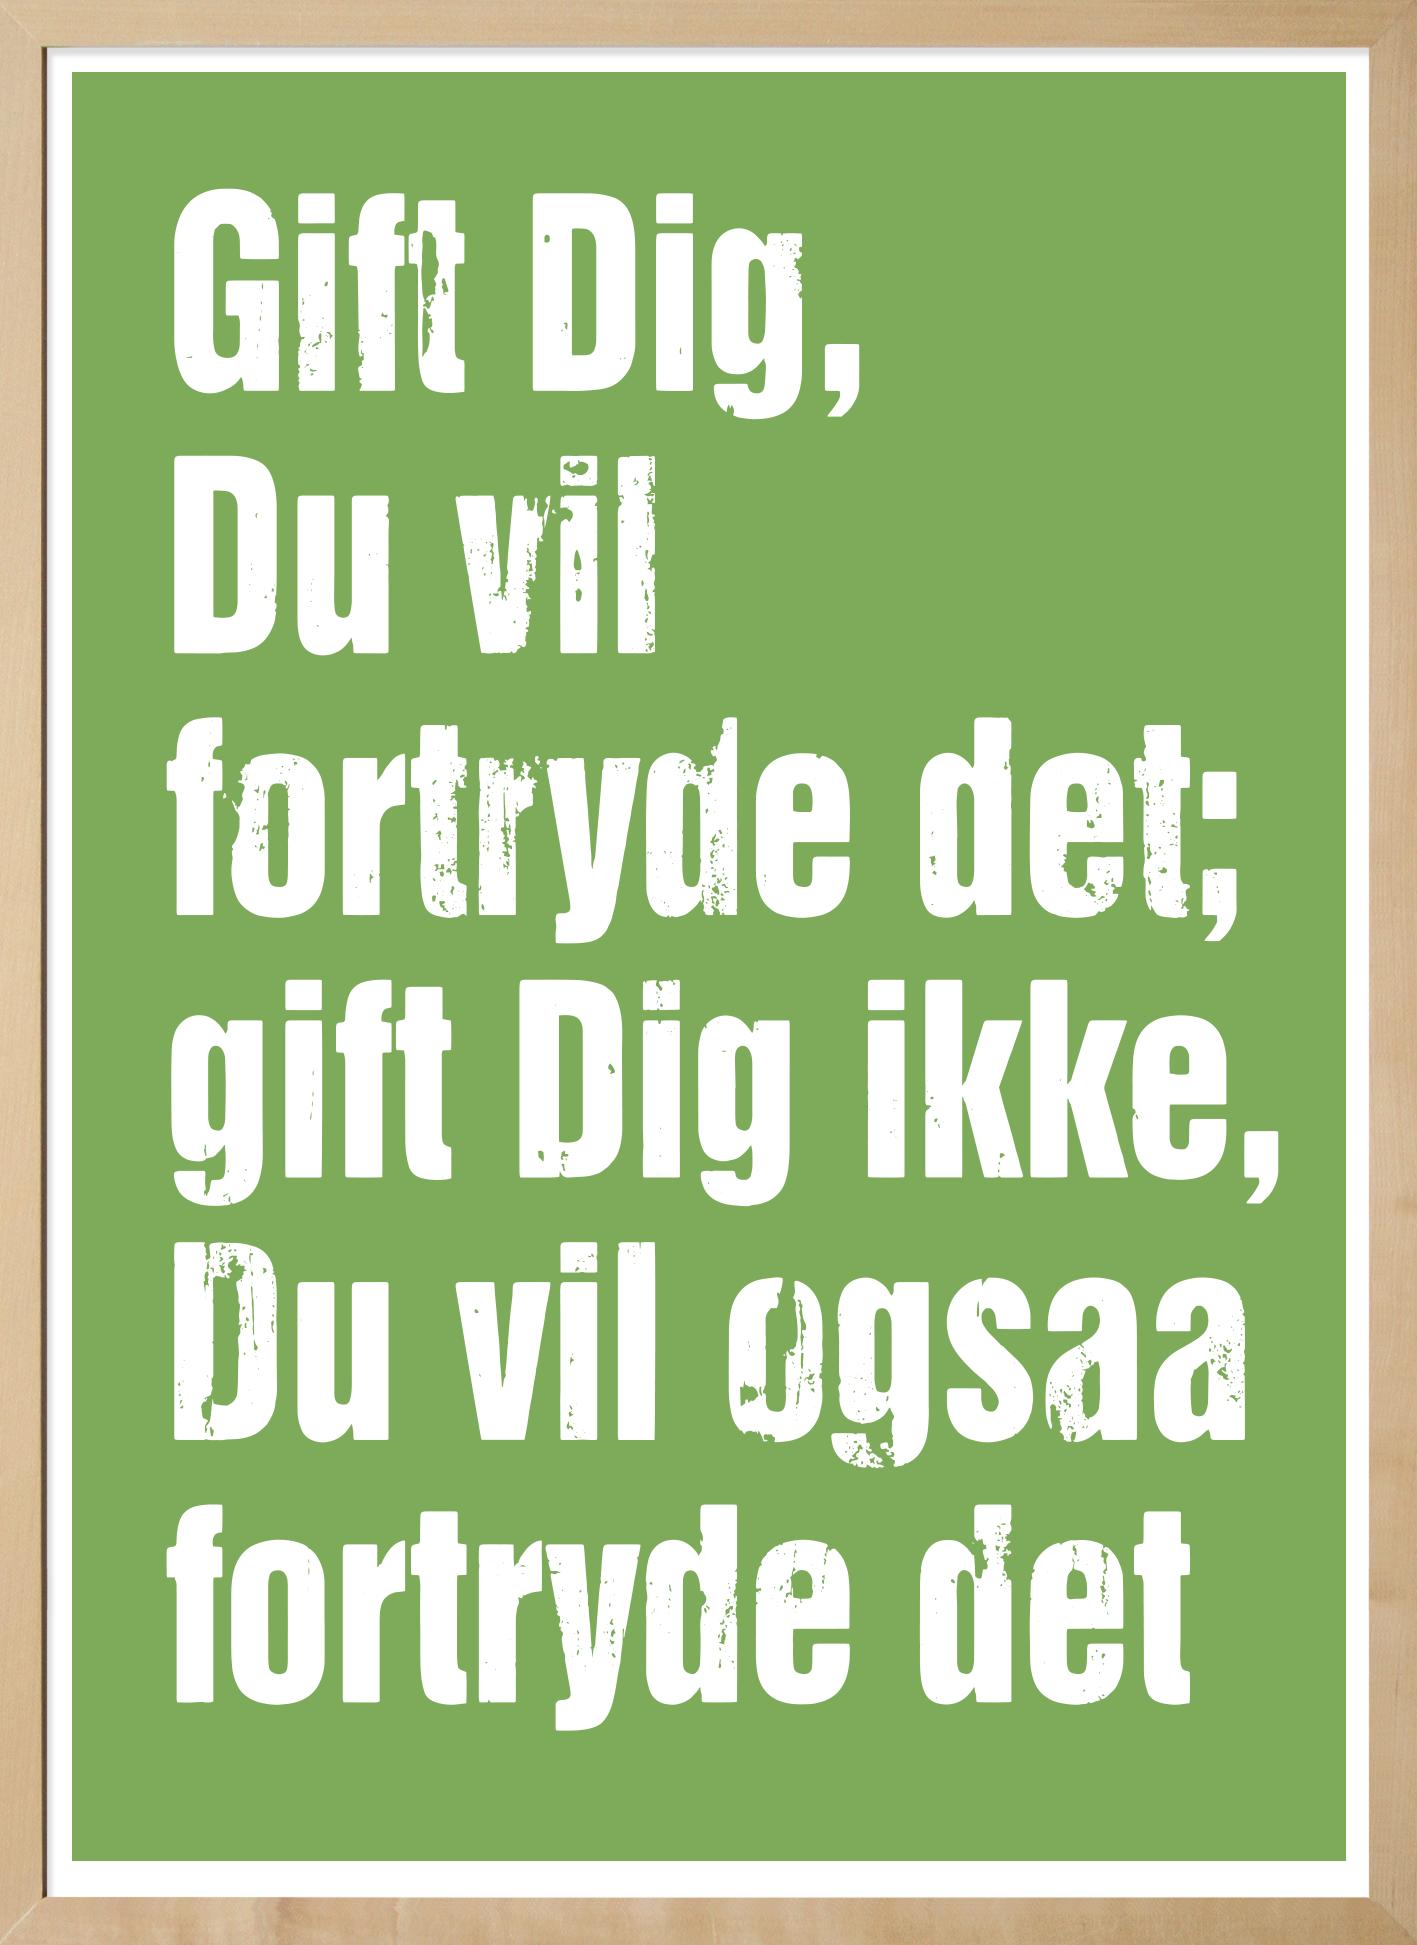 søren kierkegaard citater plakat Gift dig plakat Citat Soren Kierkegaard søren kierkegaard citater plakat